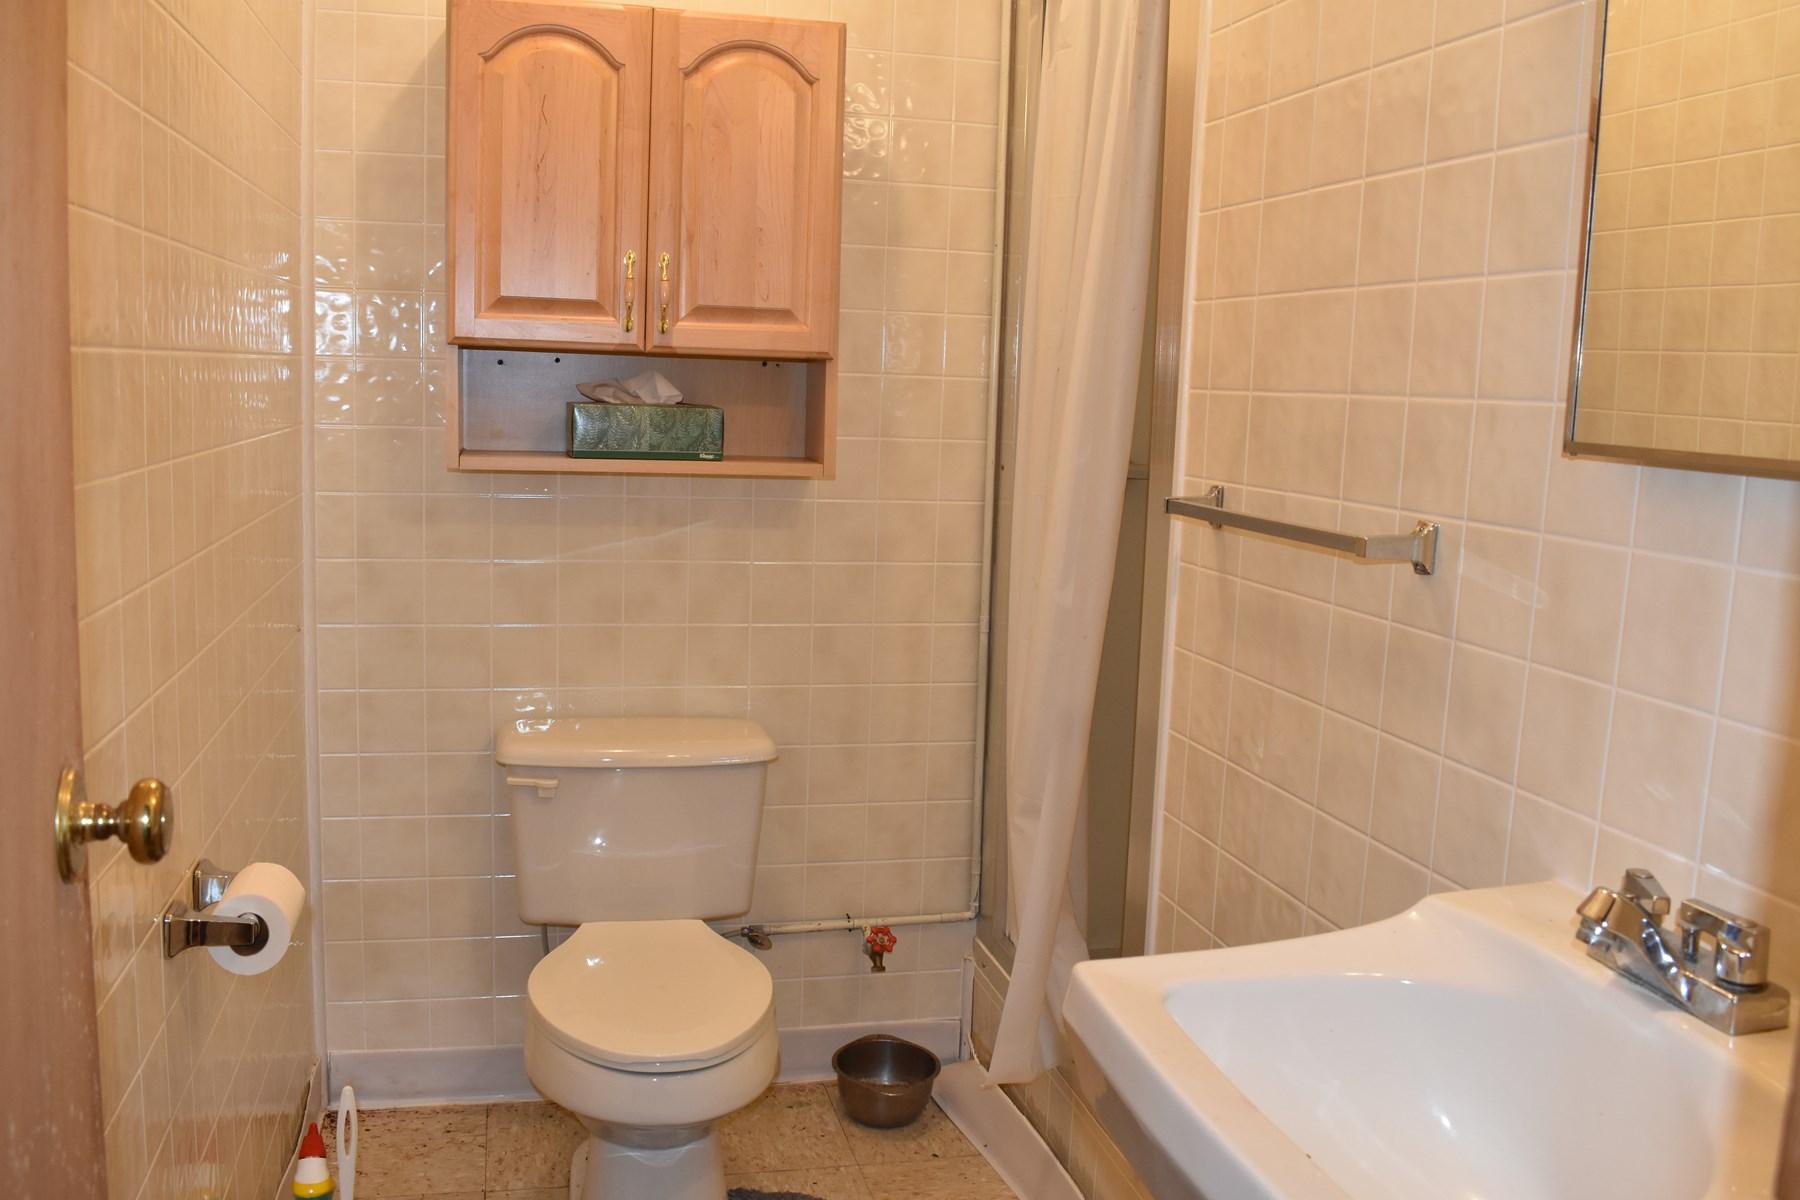 3/4 bath-basement